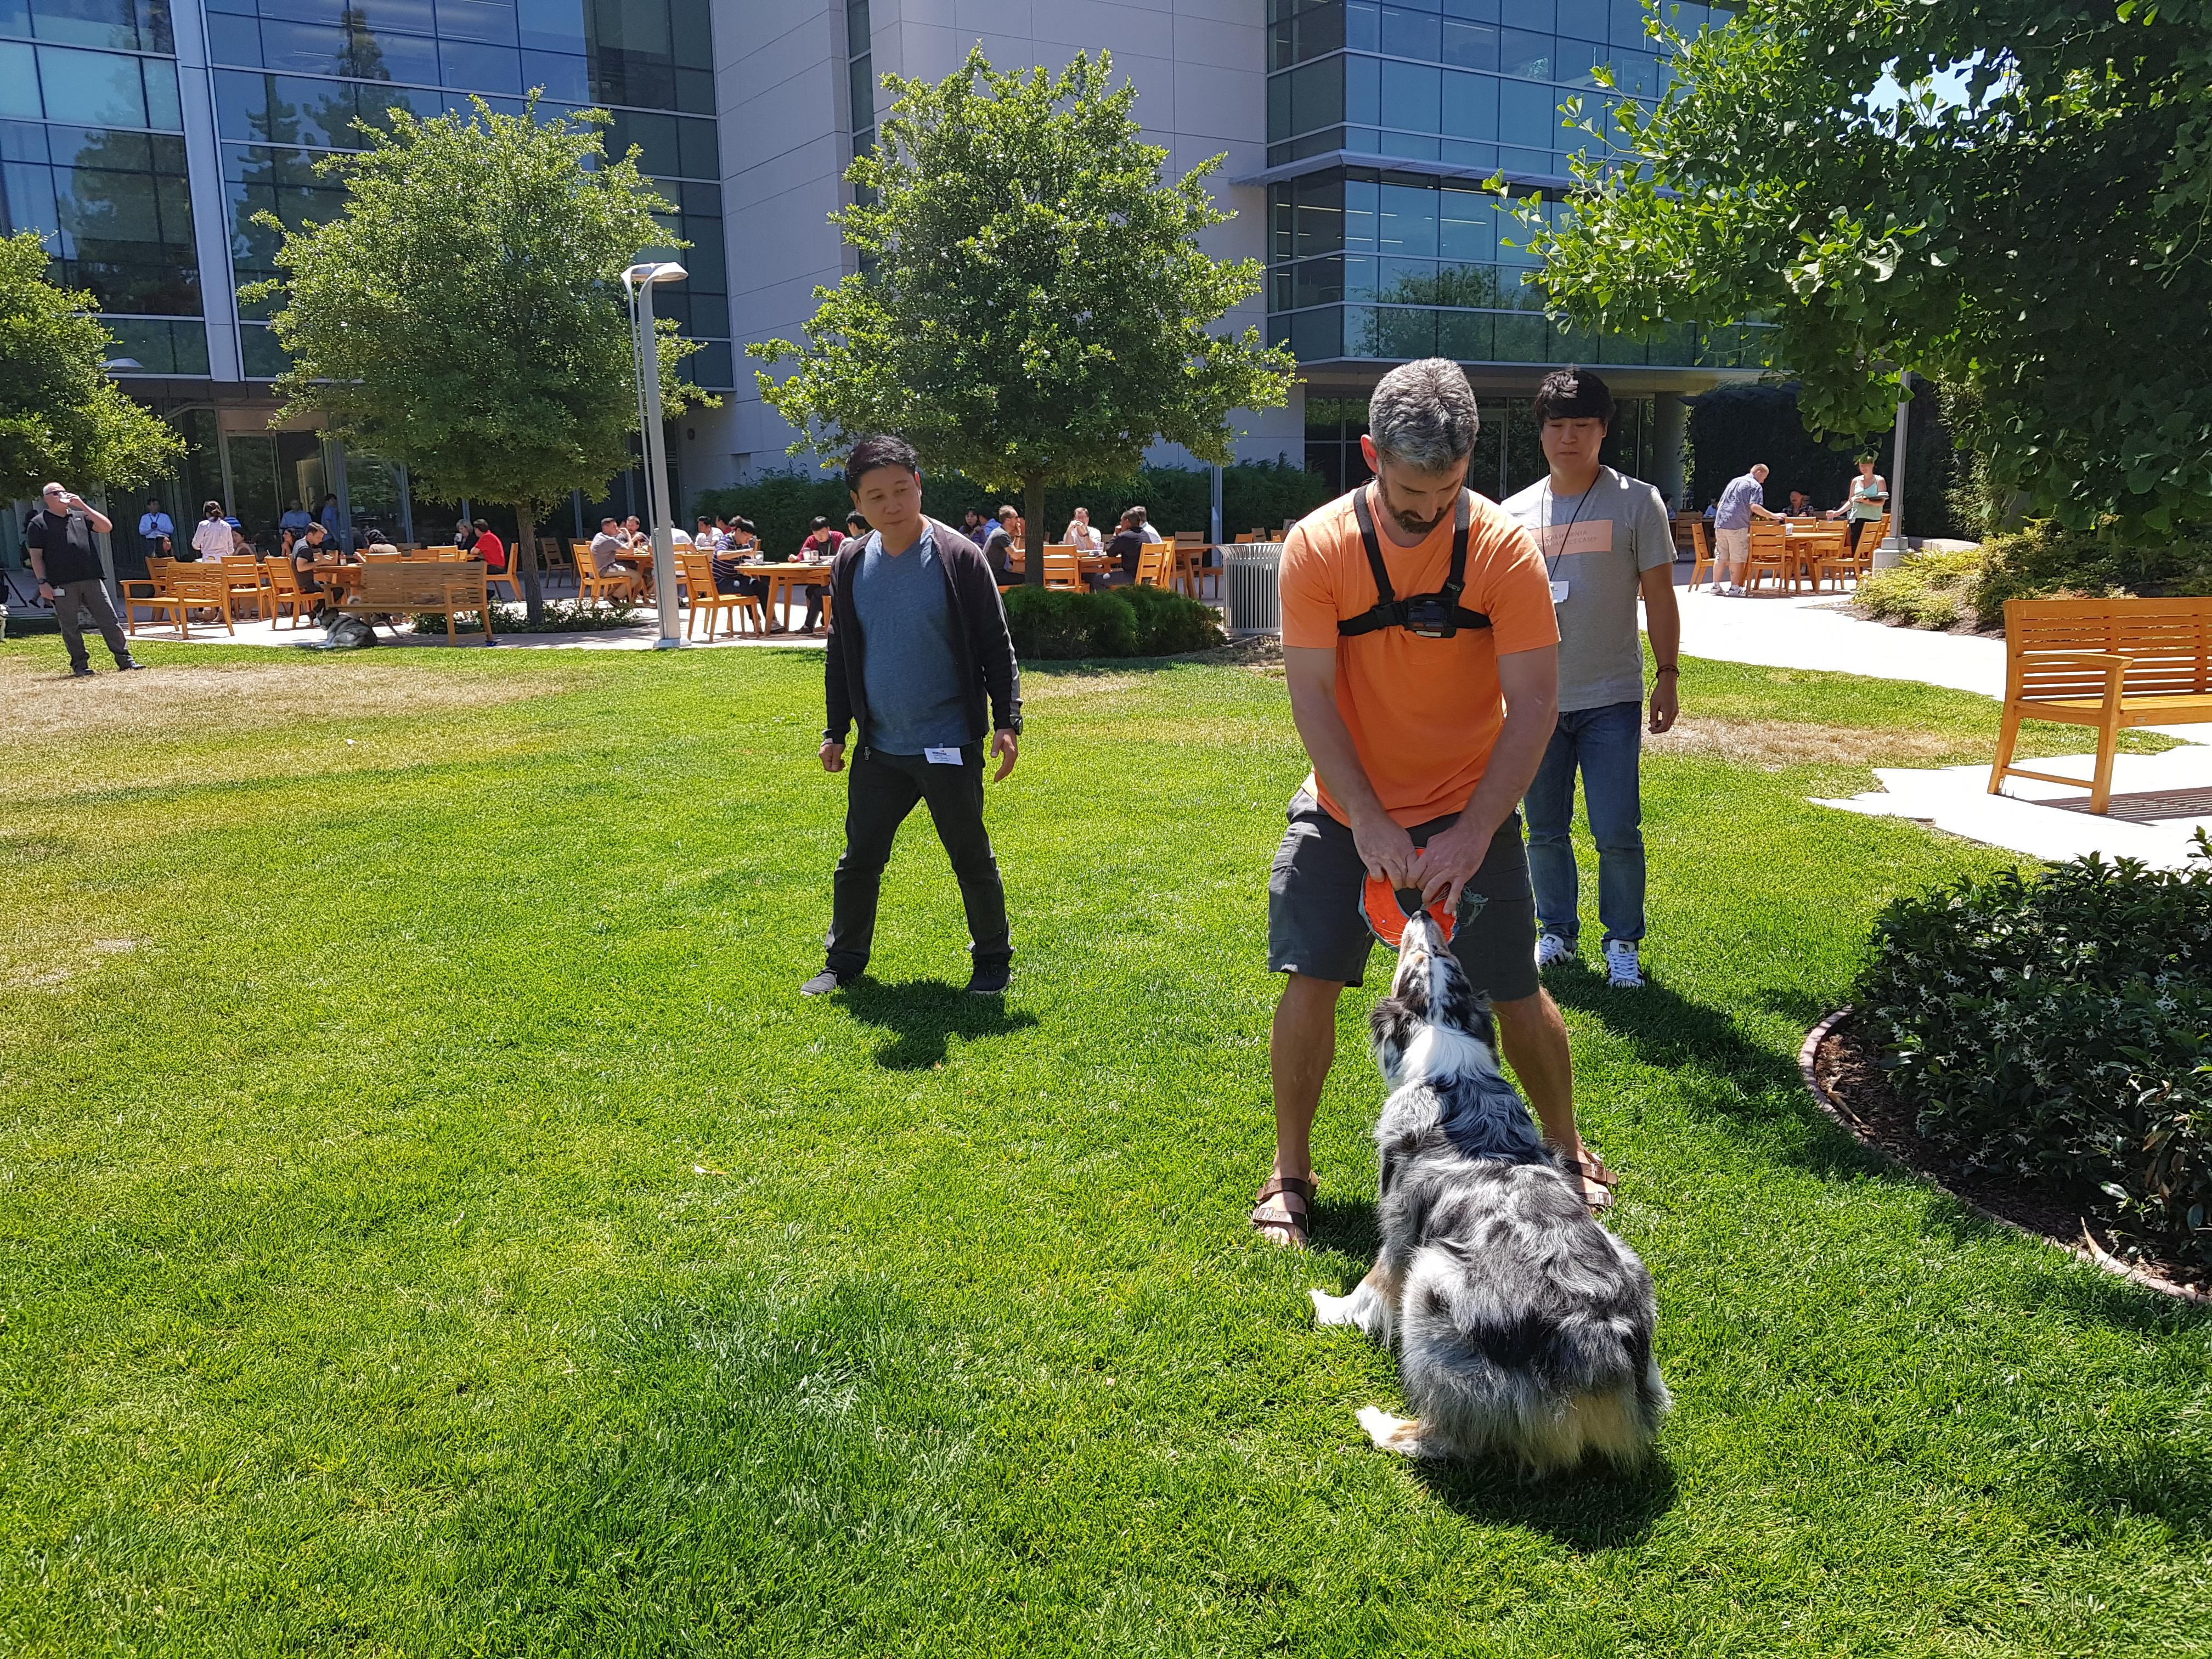 잔디밭에서 개와 놀아주고 있는 견주